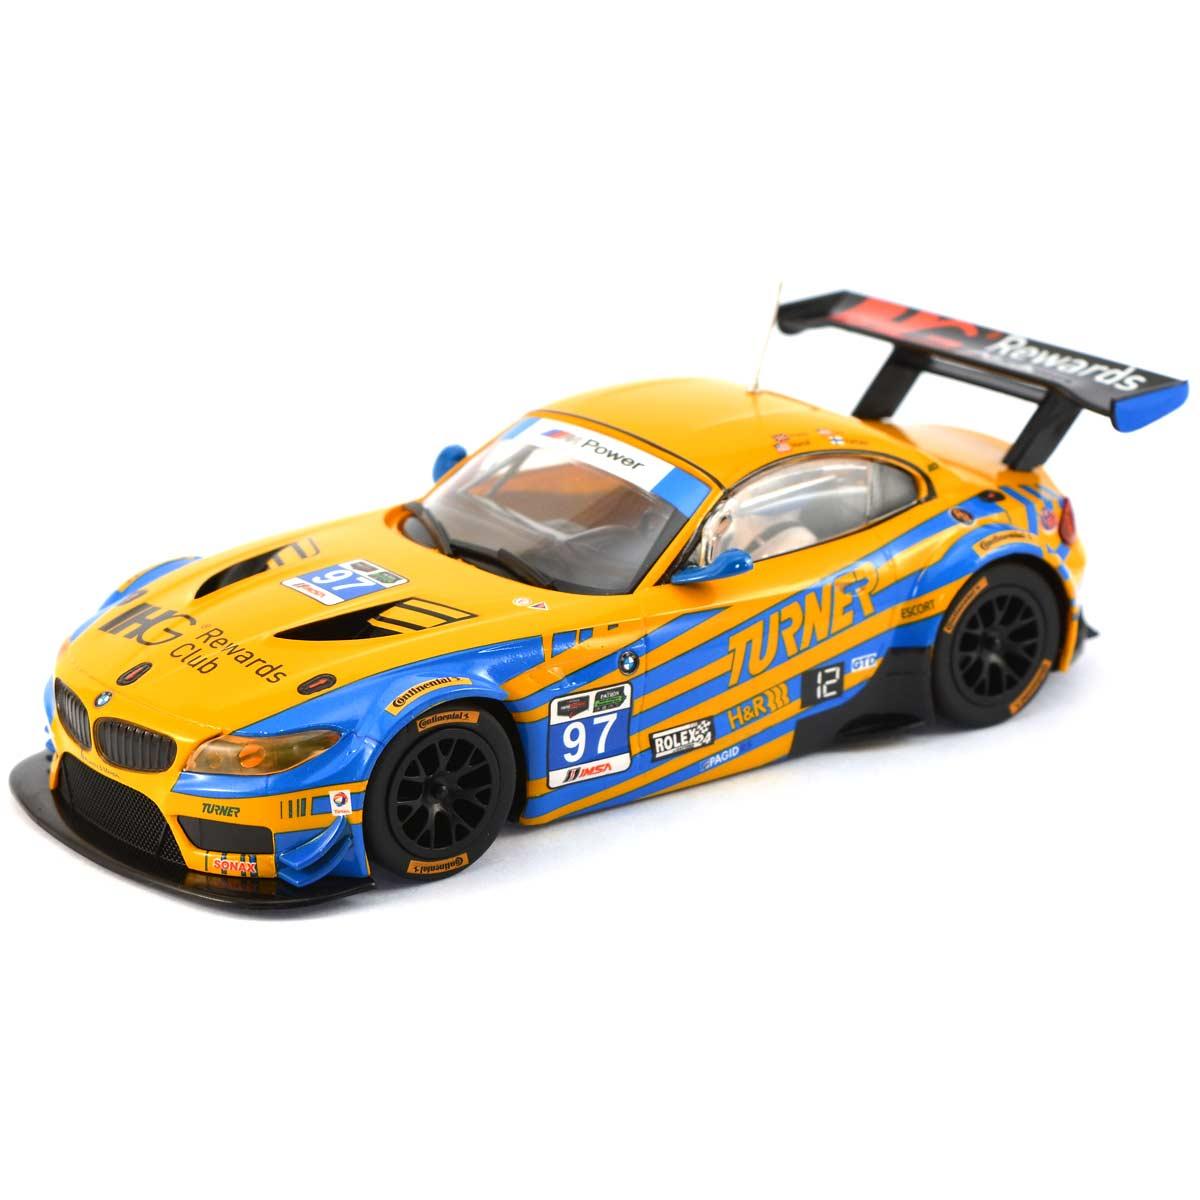 Bmw Z4 Gt3: Scalextric BMW Z4 GT3 No.97 Daytona 24hr 2015 (C3720